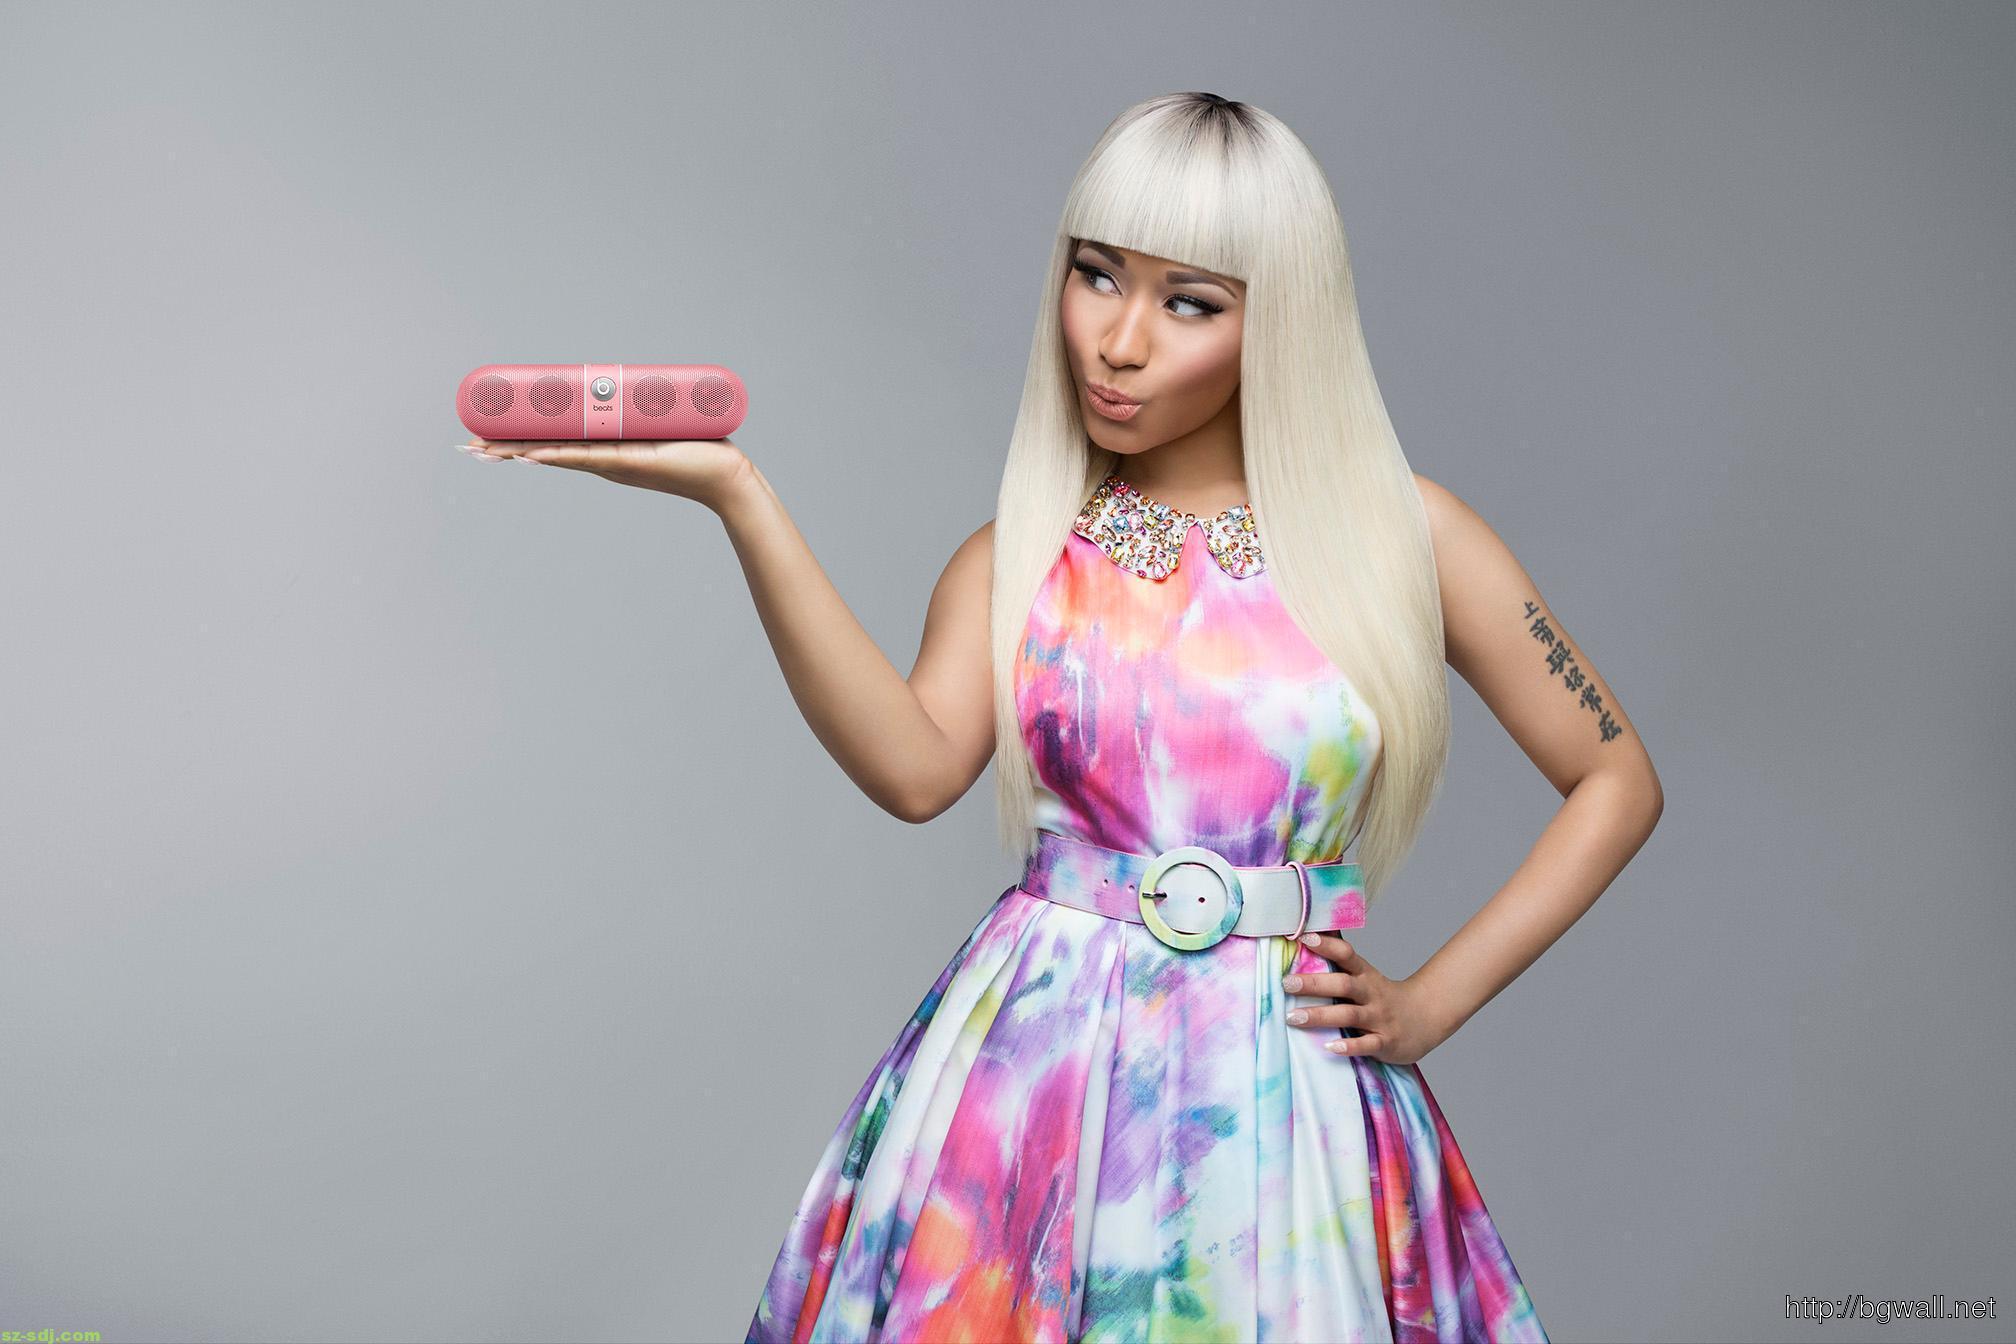 15 Best Free Nicki Minaj Wallpapers Wallpaperaccess